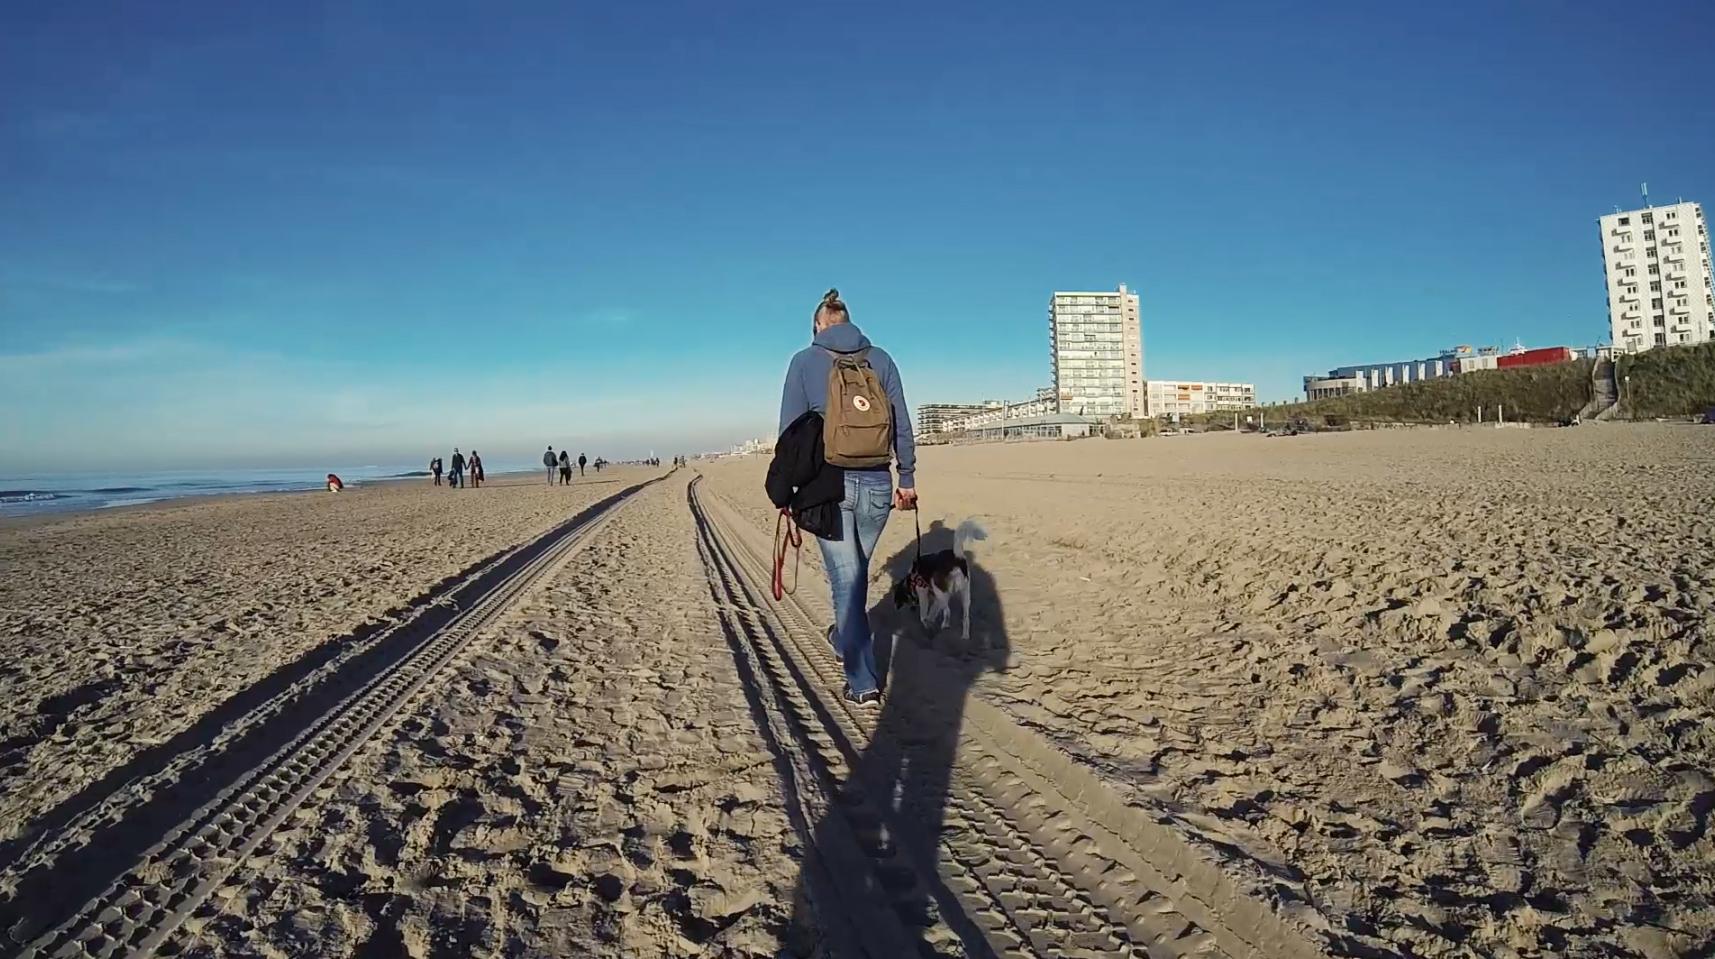 Zandvoort in der Nebensaison